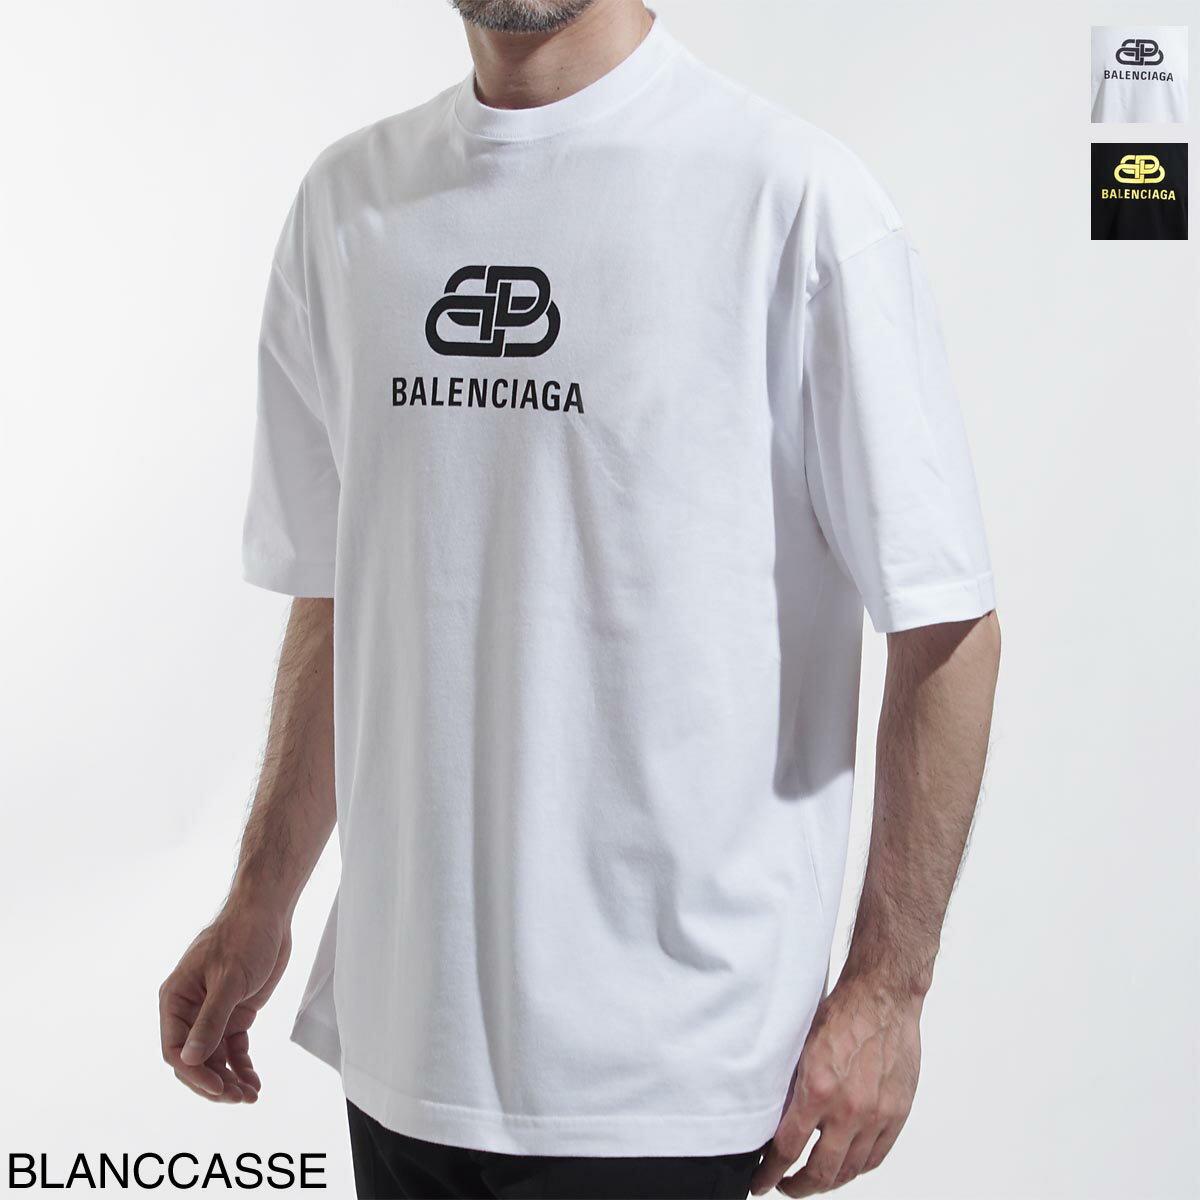 トップス, Tシャツ・カットソー  BALENCIAGA T 578139 tev48 9044 BB OVERSIZE SHIRT